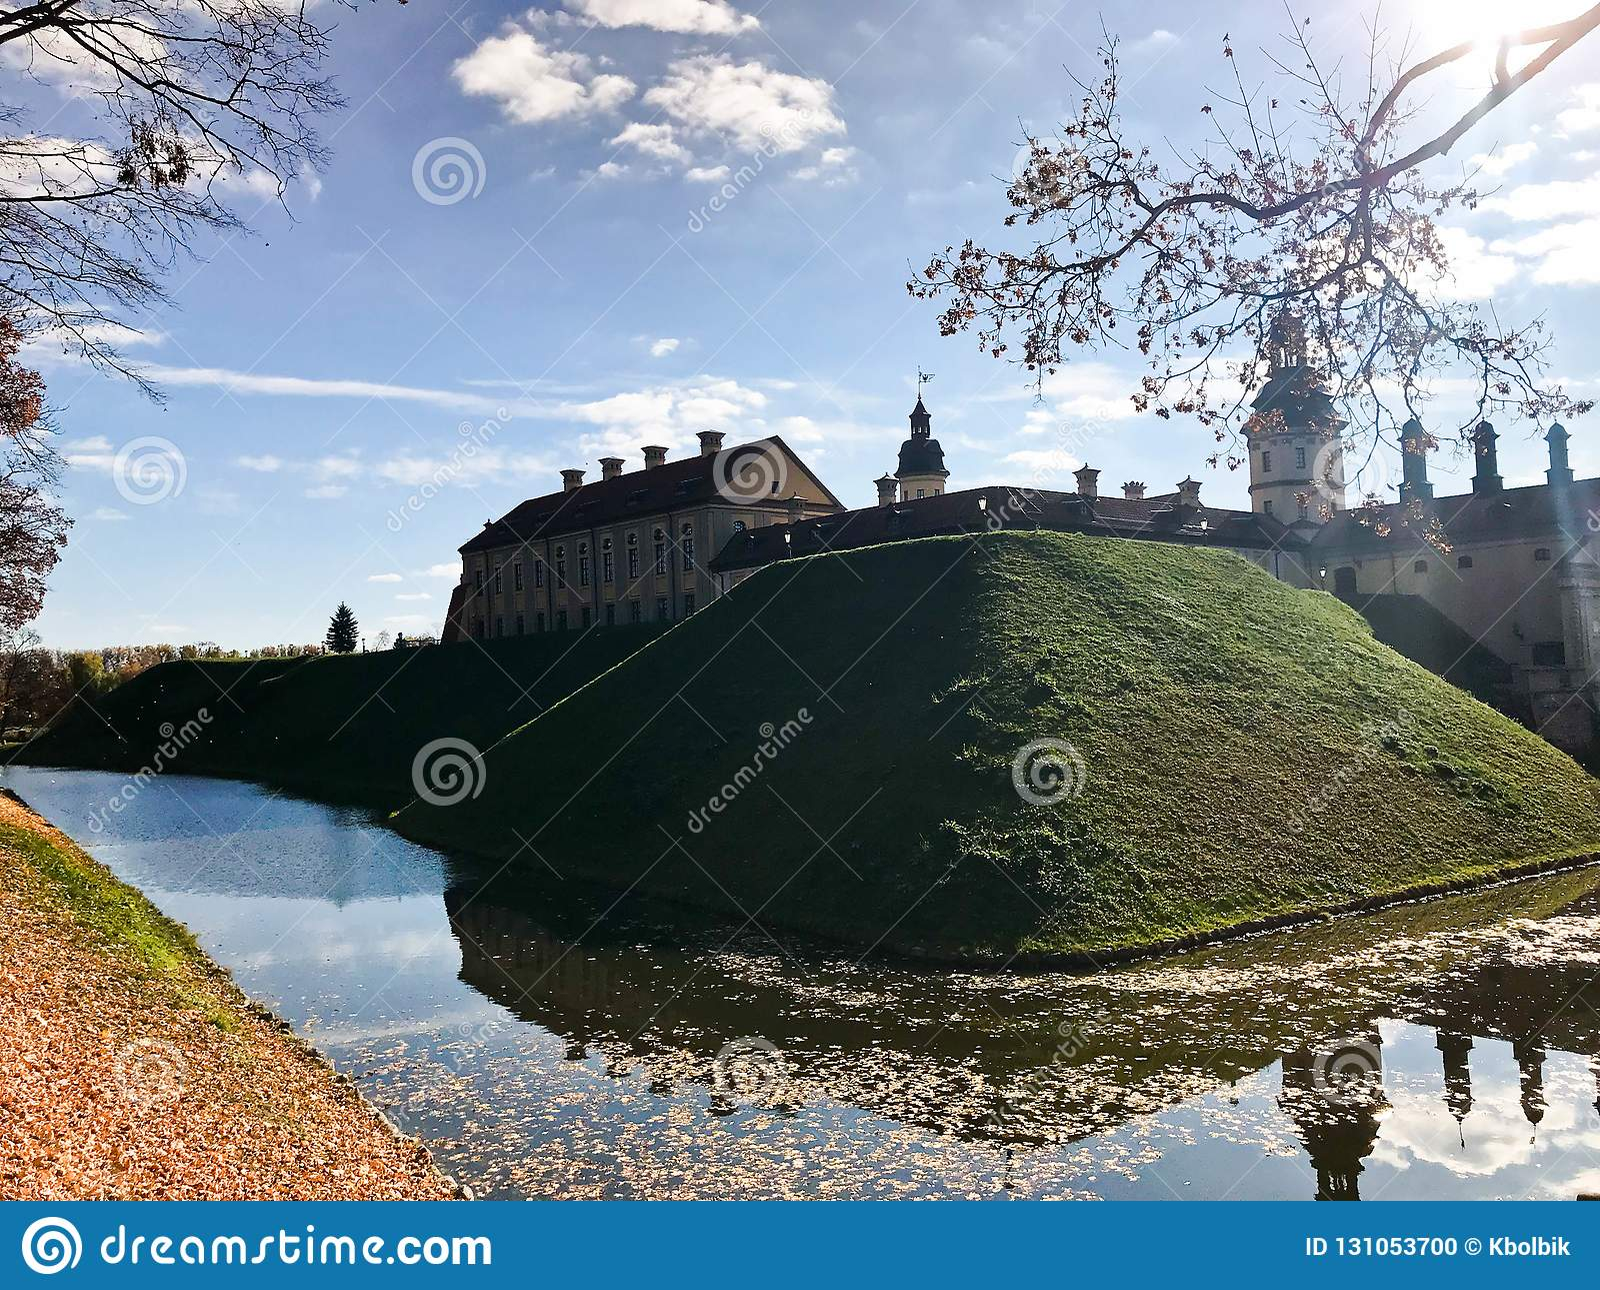 Старый, старый средневековый замок с spiers и башнями, стены камня и кирпич окруженный защитным ровом с wate